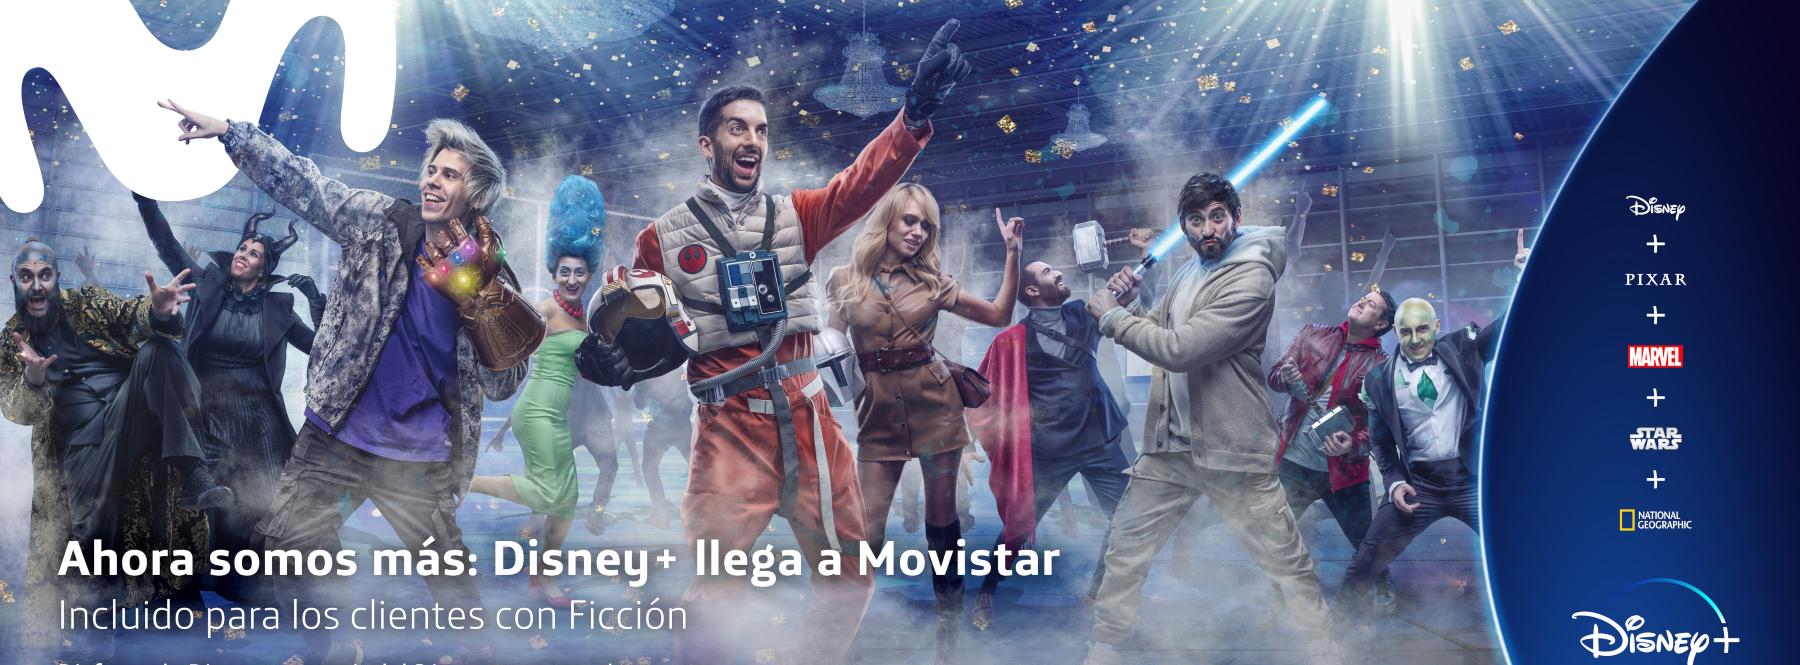 Ahora somos más: Disney+ llega a Movistar